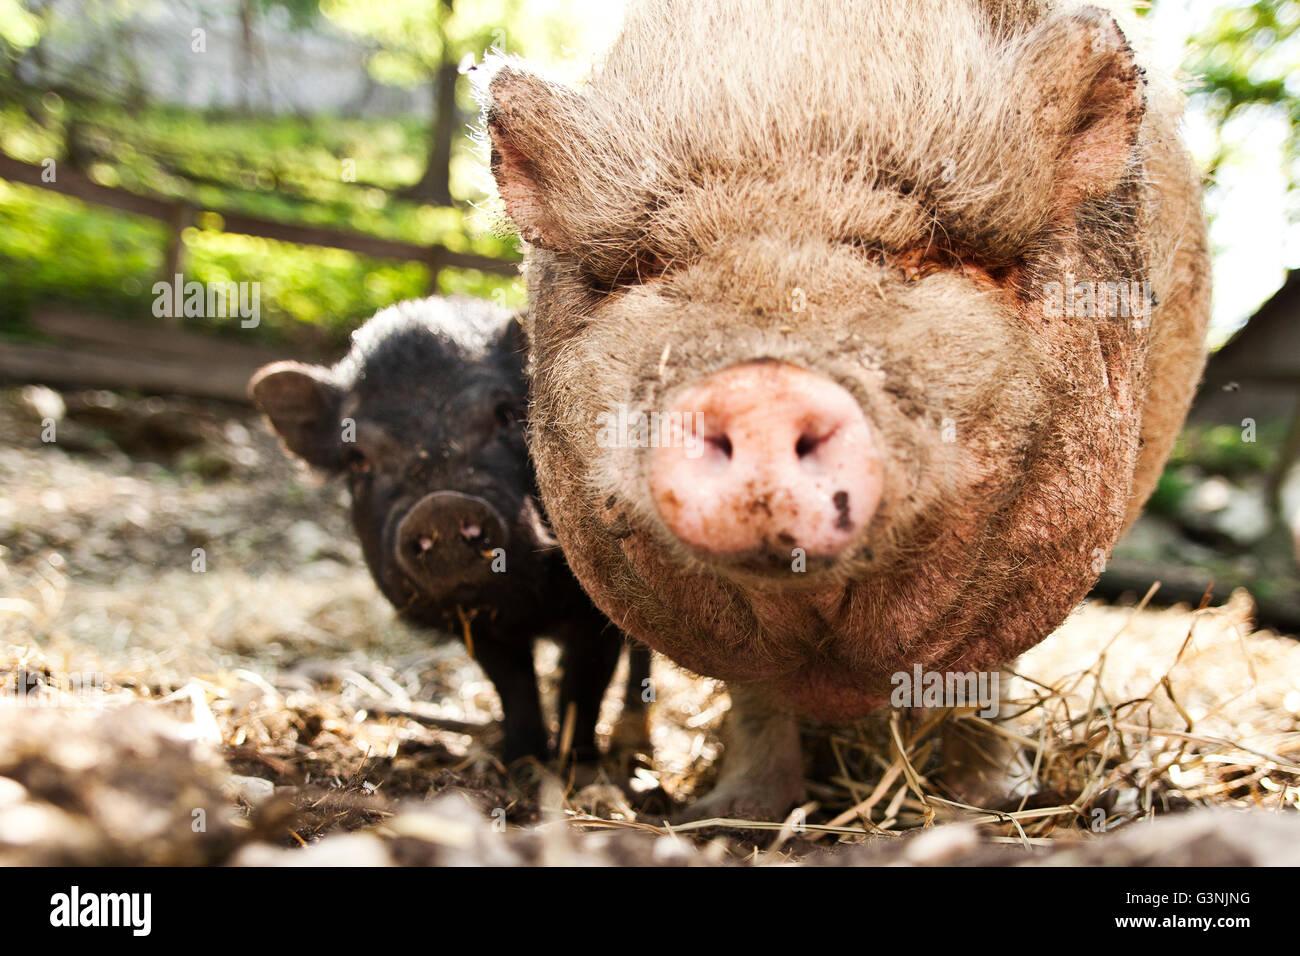 Hängebauchschwein, Erwachsener und Ferkel, Ernstbrunn Zoo, Niederösterreich, Österreich Stockbild